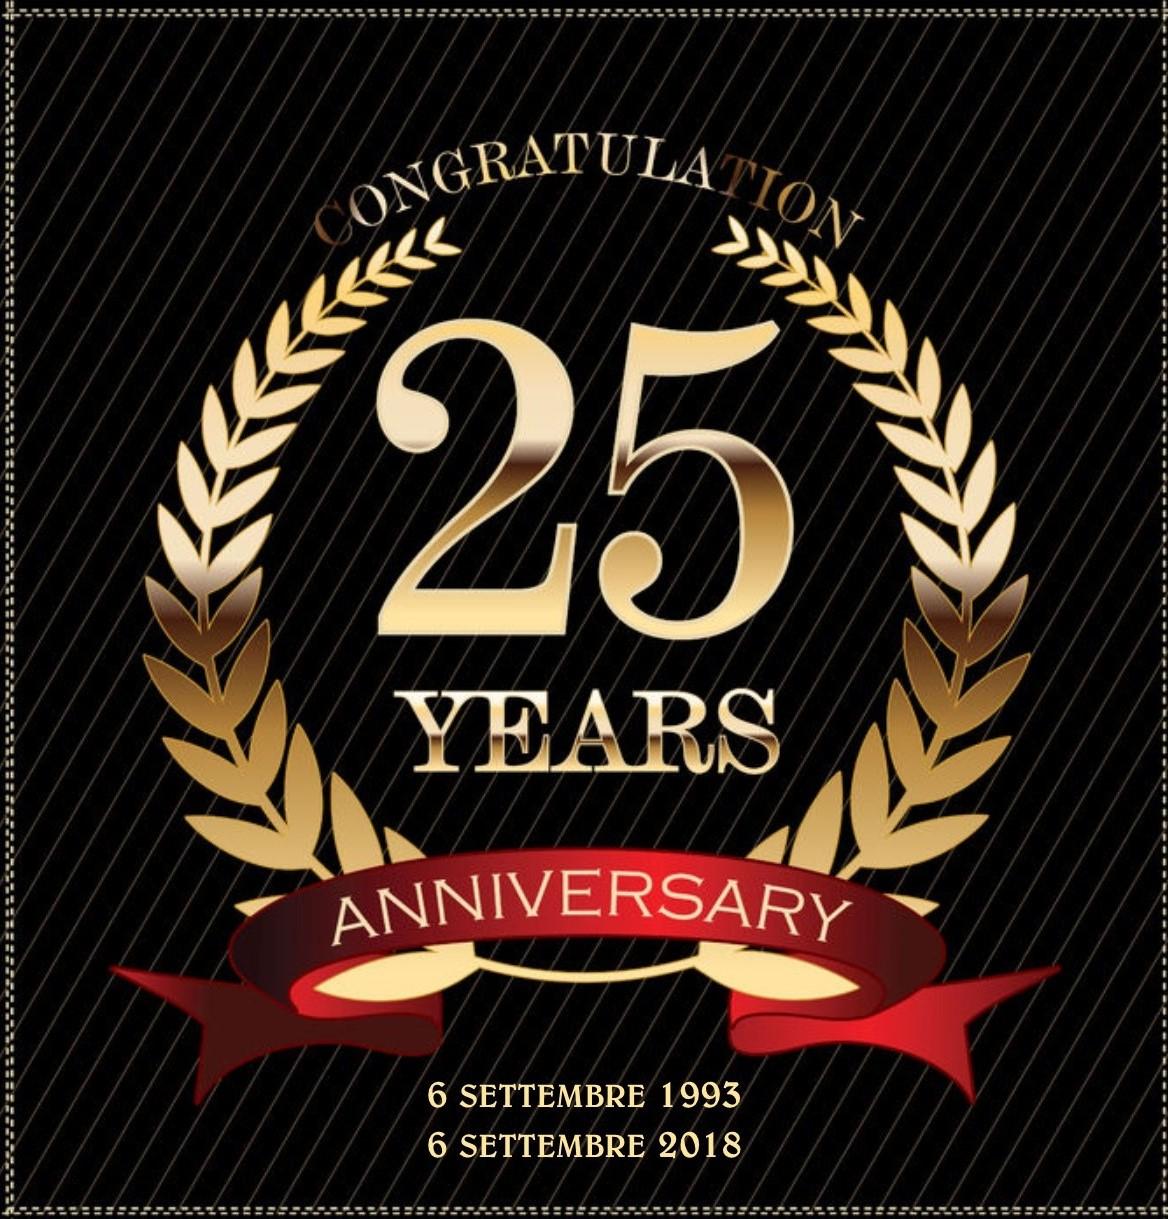 06 settembre 1993 - 06 settembre 2018 25 anni di attività!